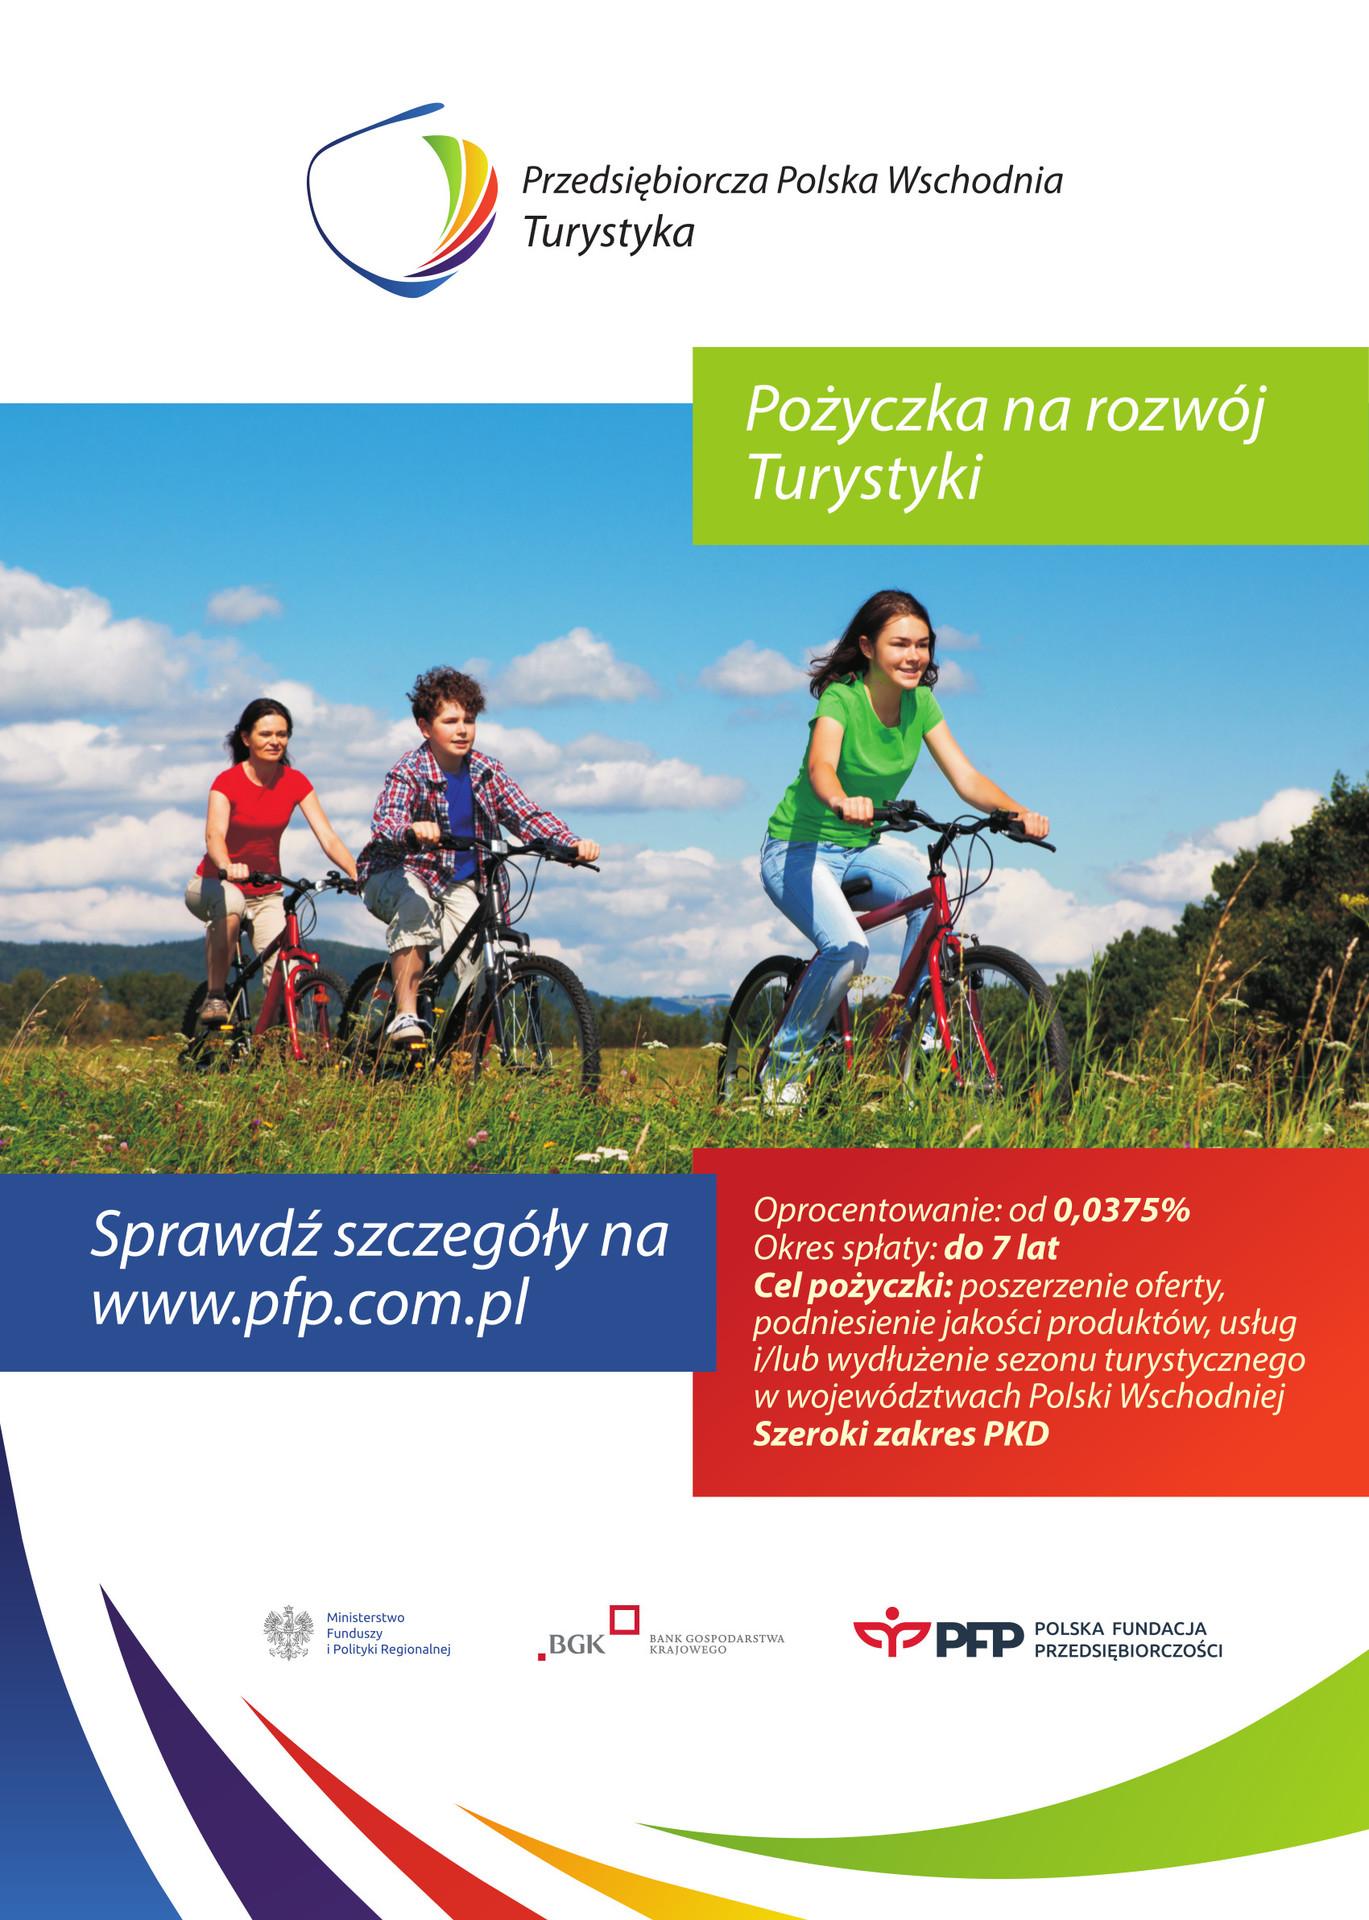 PFP-PPWT-plakat-A4-v001a.jpeg